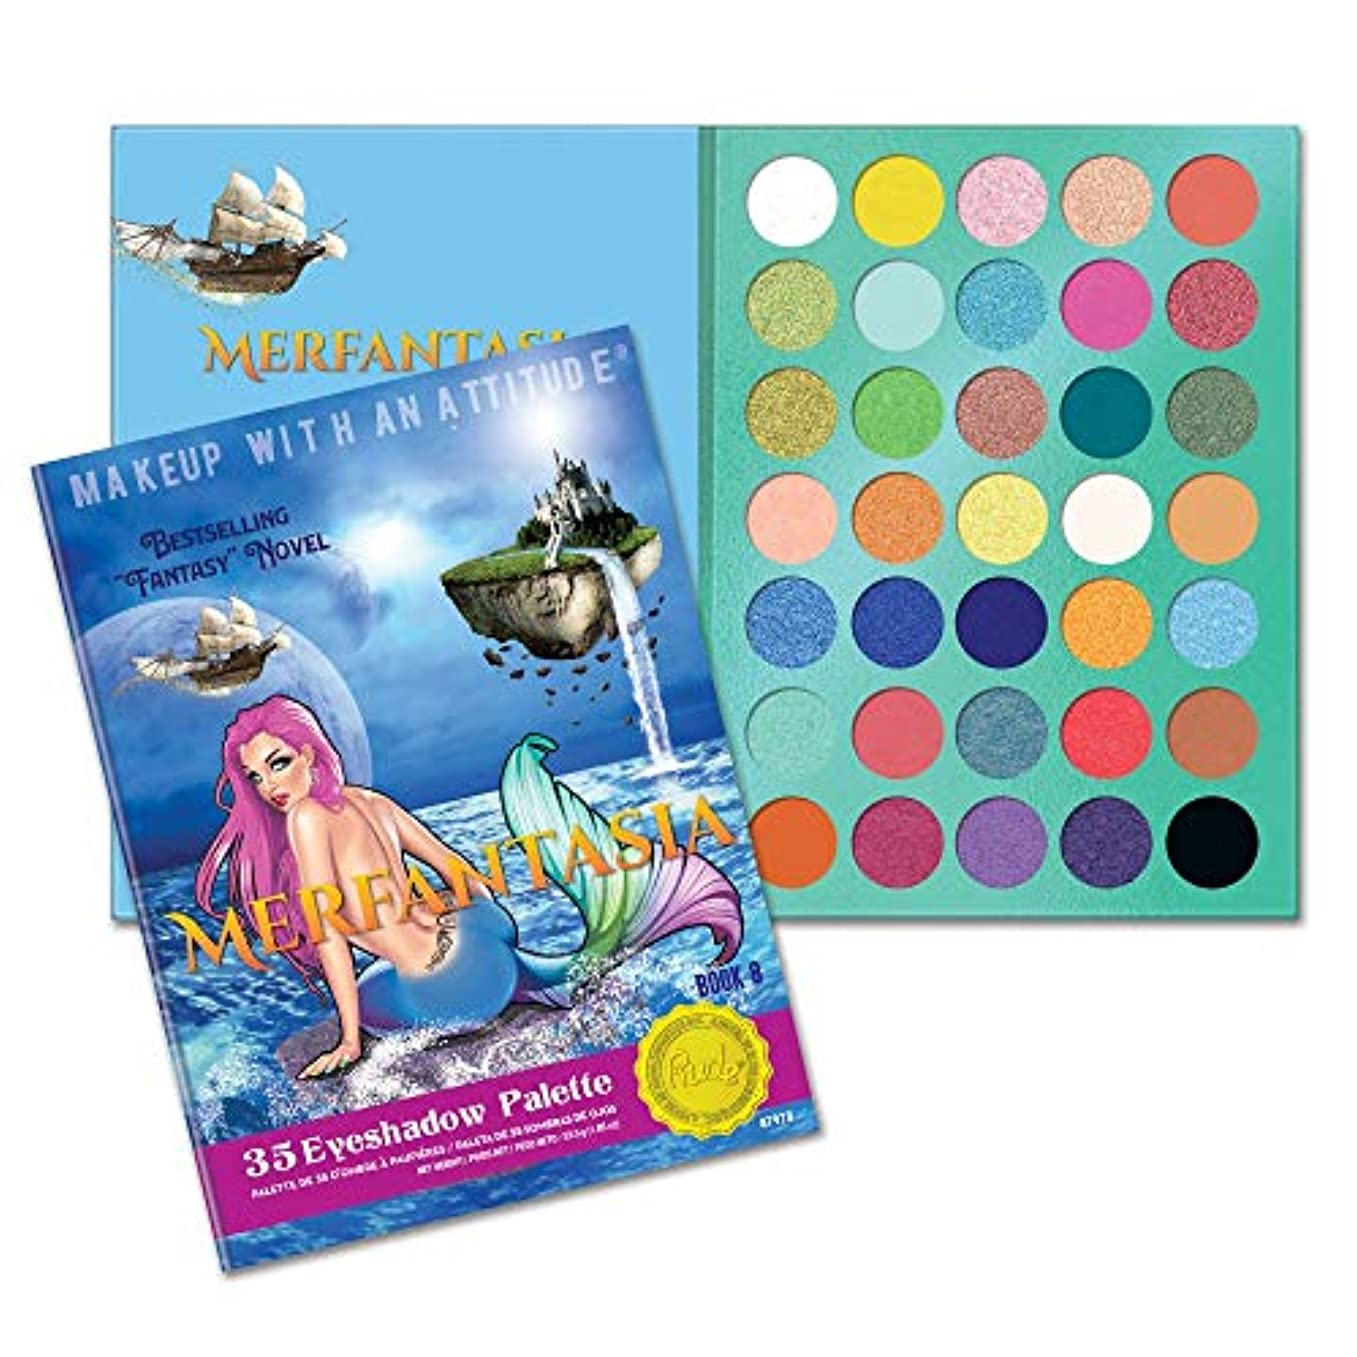 テンション角度払い戻しRUDE? Merfantasia 35 Eyeshadow Palette - Book 8 (並行輸入品)